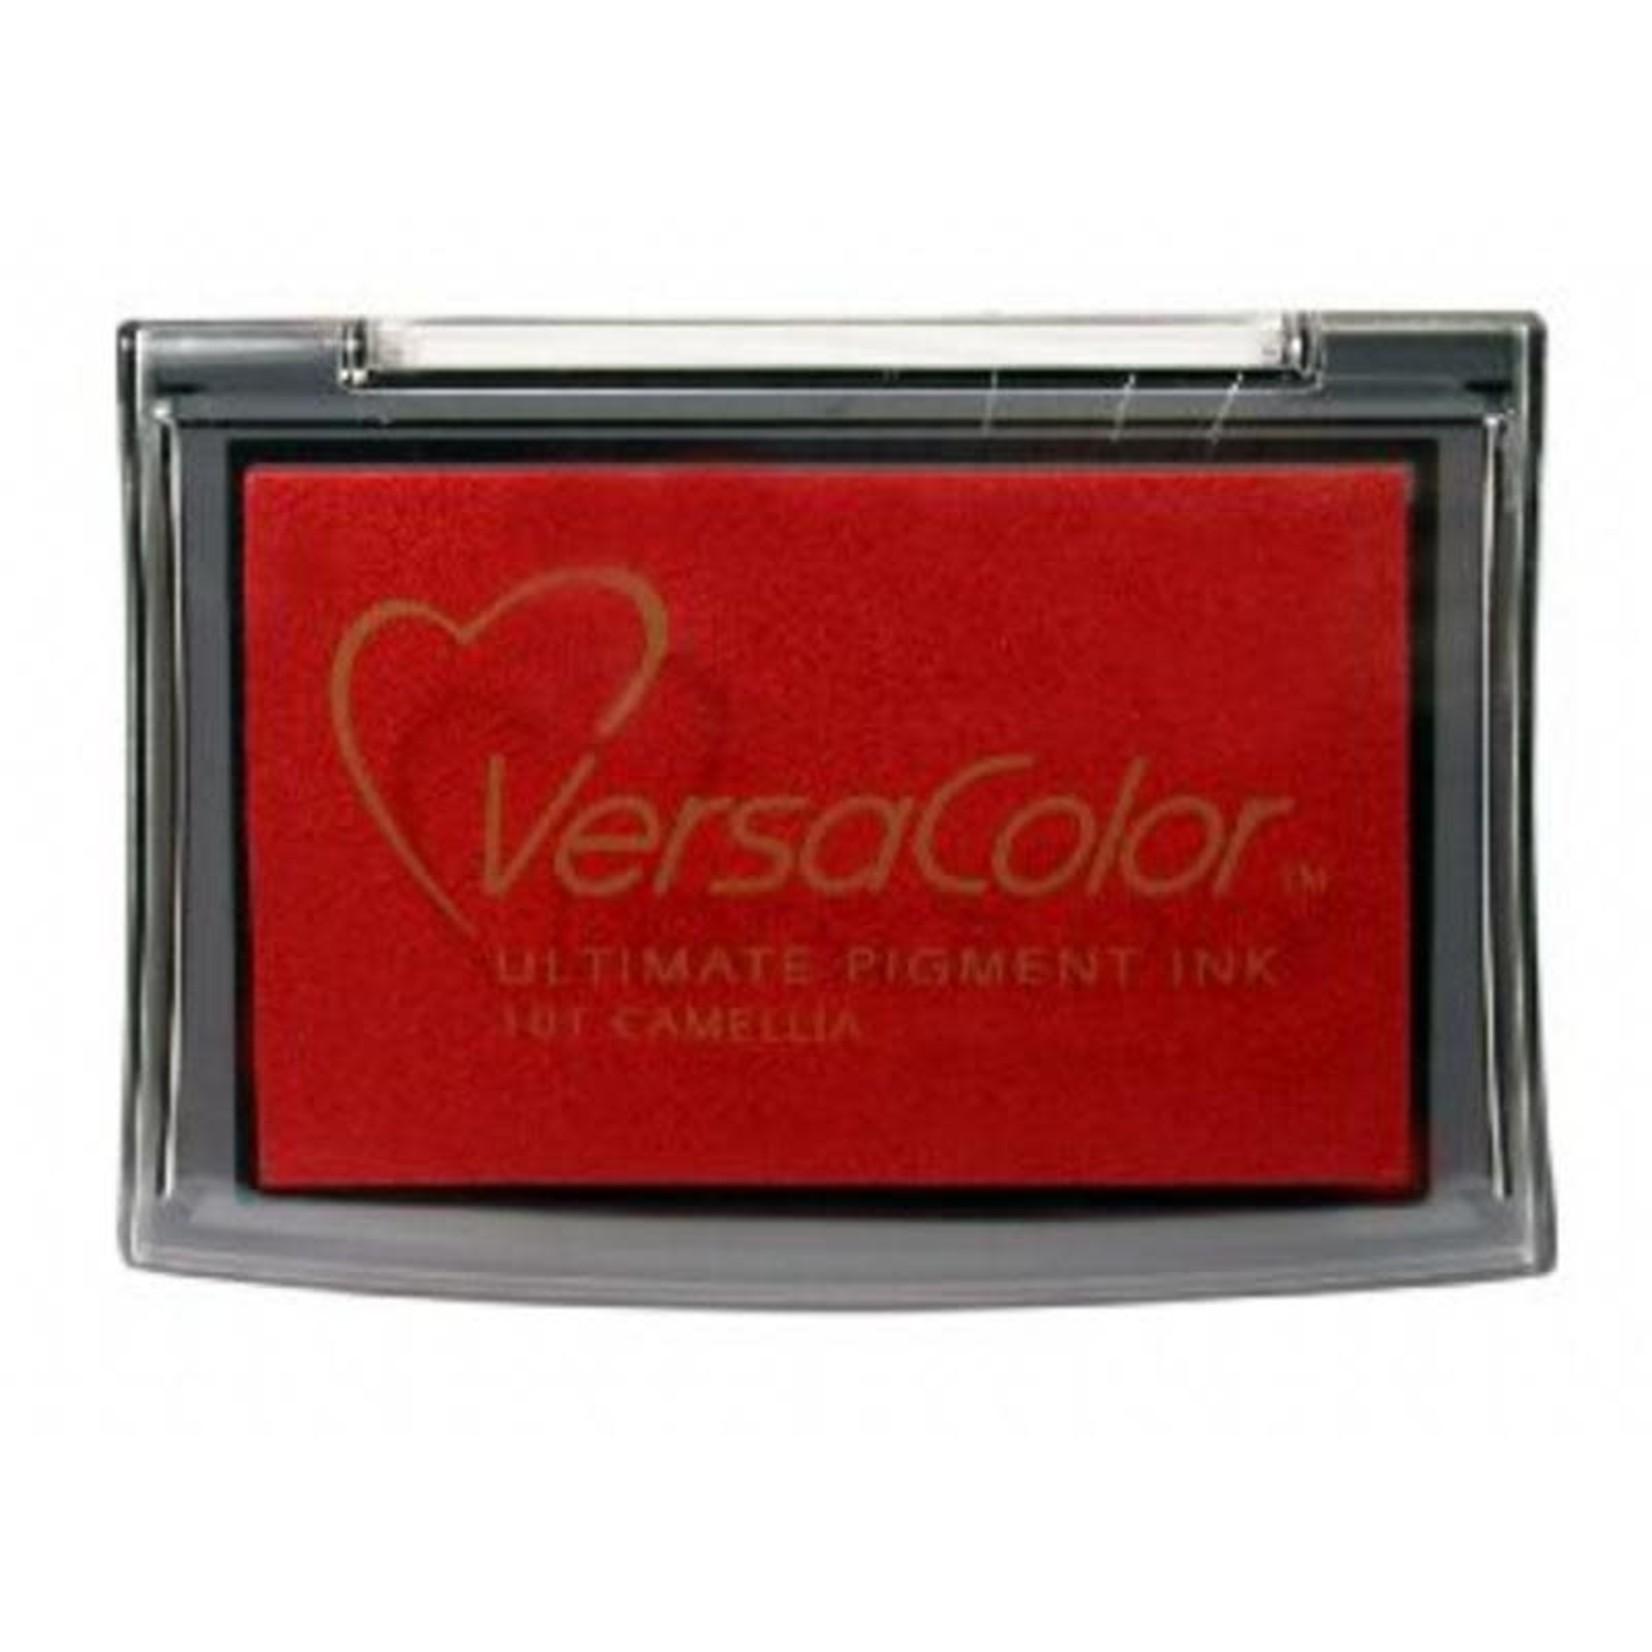 VersaColor VersaColor Pigimate Ink Camellia